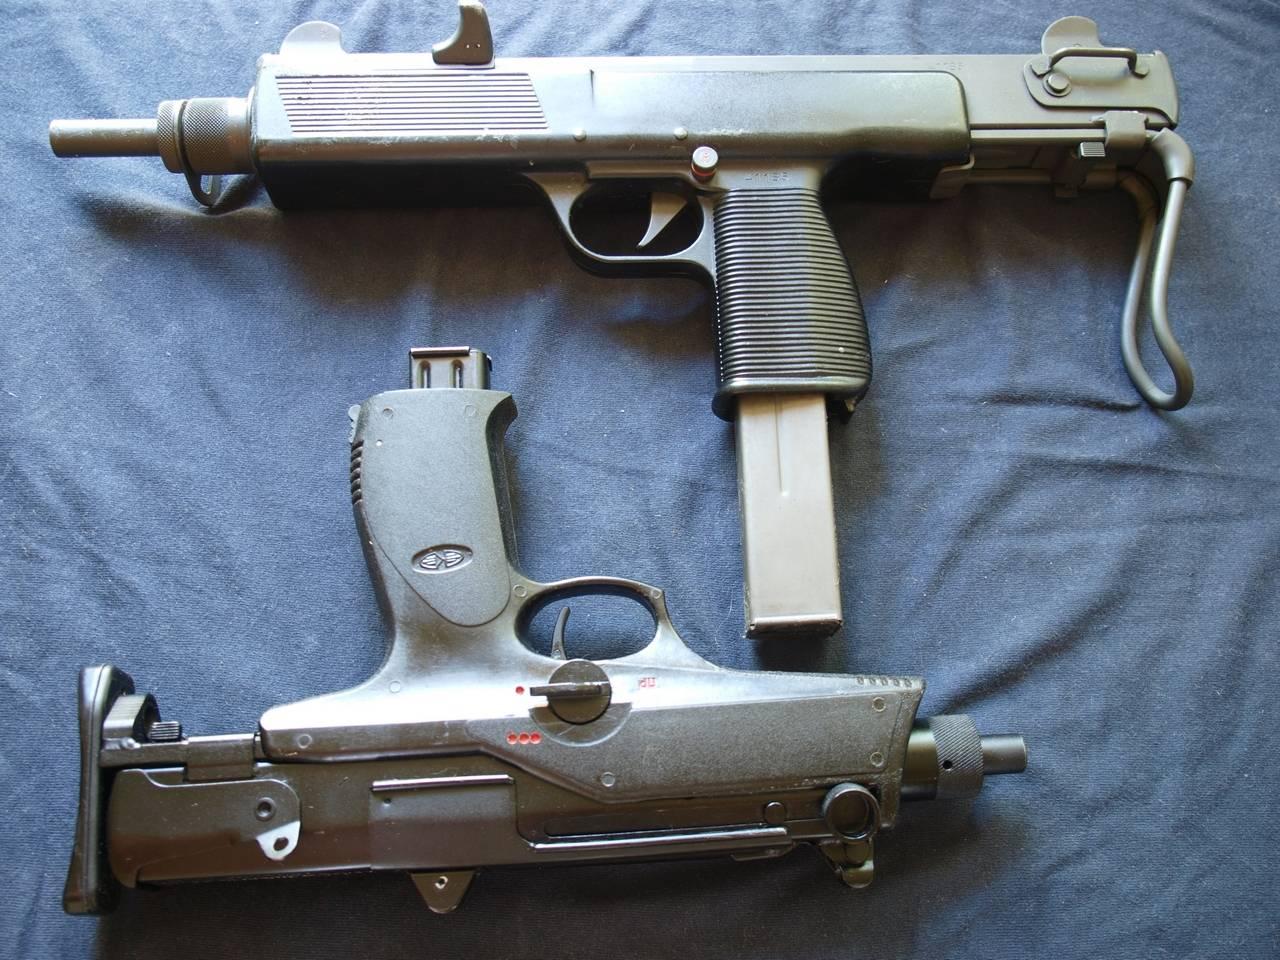 Пулемет аек-999 барсук ттх. фото. видео. размеры. скорострельность. скорость пули. прицельная дальность. вес